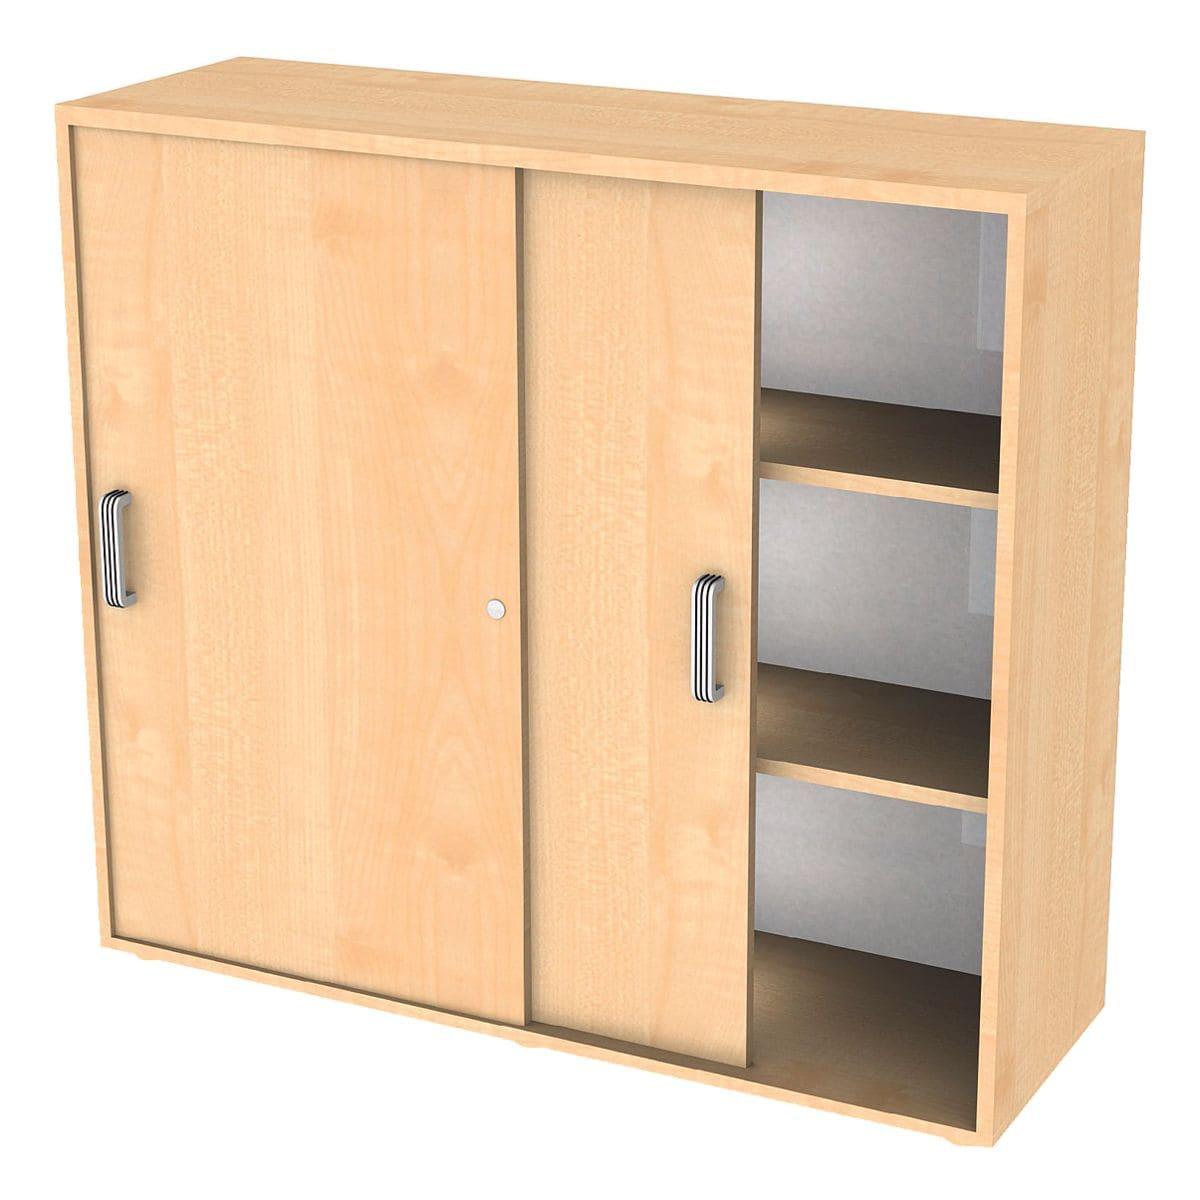 otto office premium schiebet renschrank otto office line iii 3 oh bei otto office g nstig. Black Bedroom Furniture Sets. Home Design Ideas